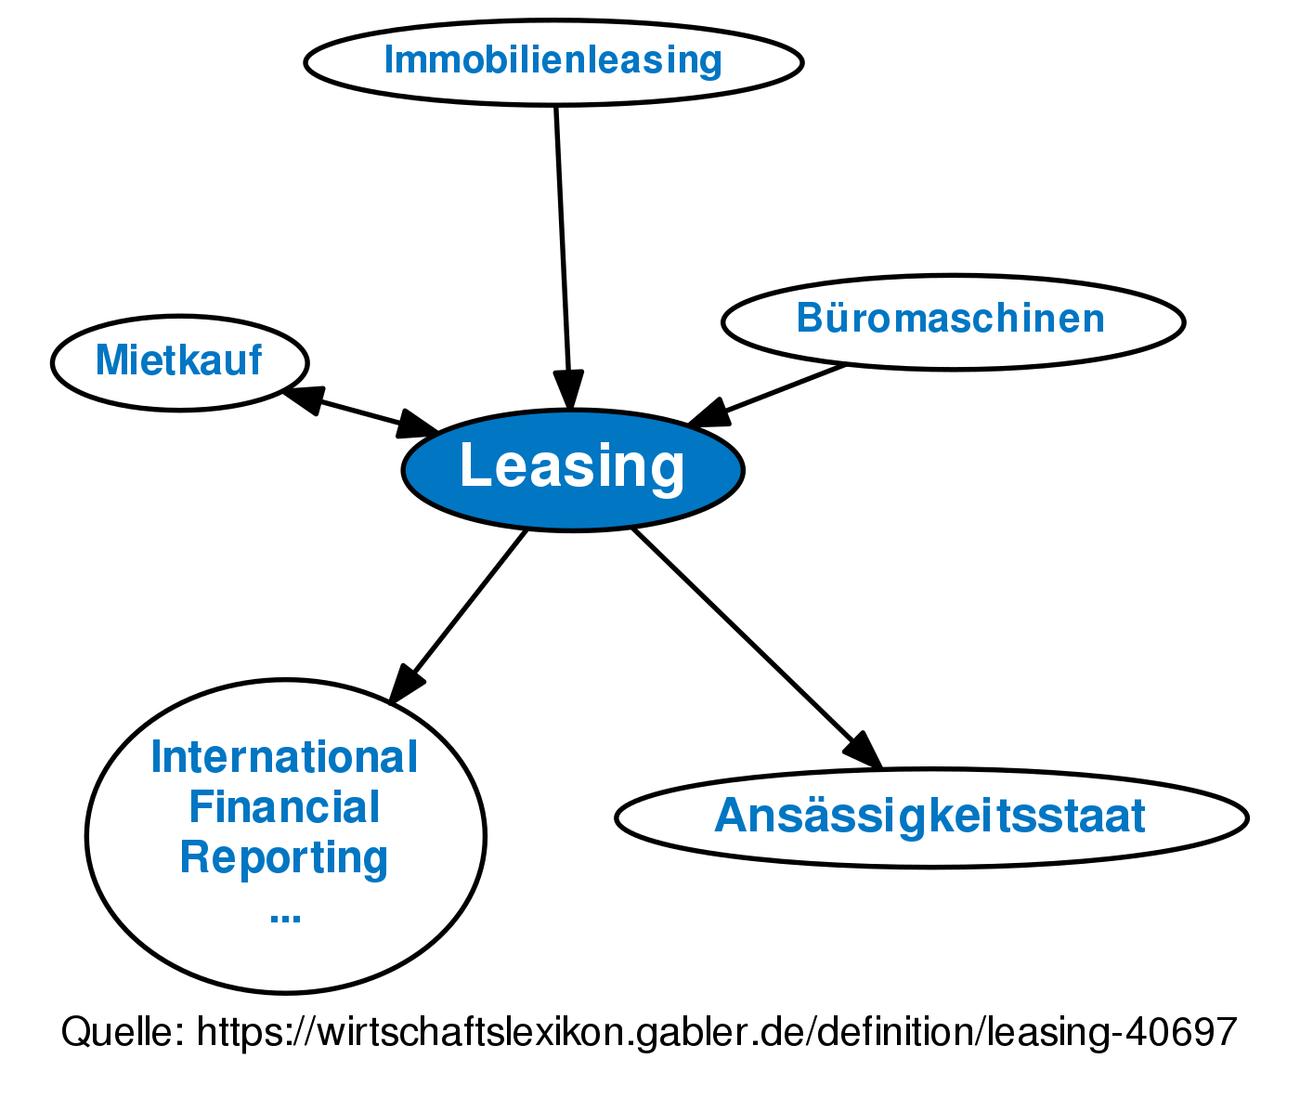 ᐅ Leasing • Definition im Gabler Wirtschaftslexikon Online